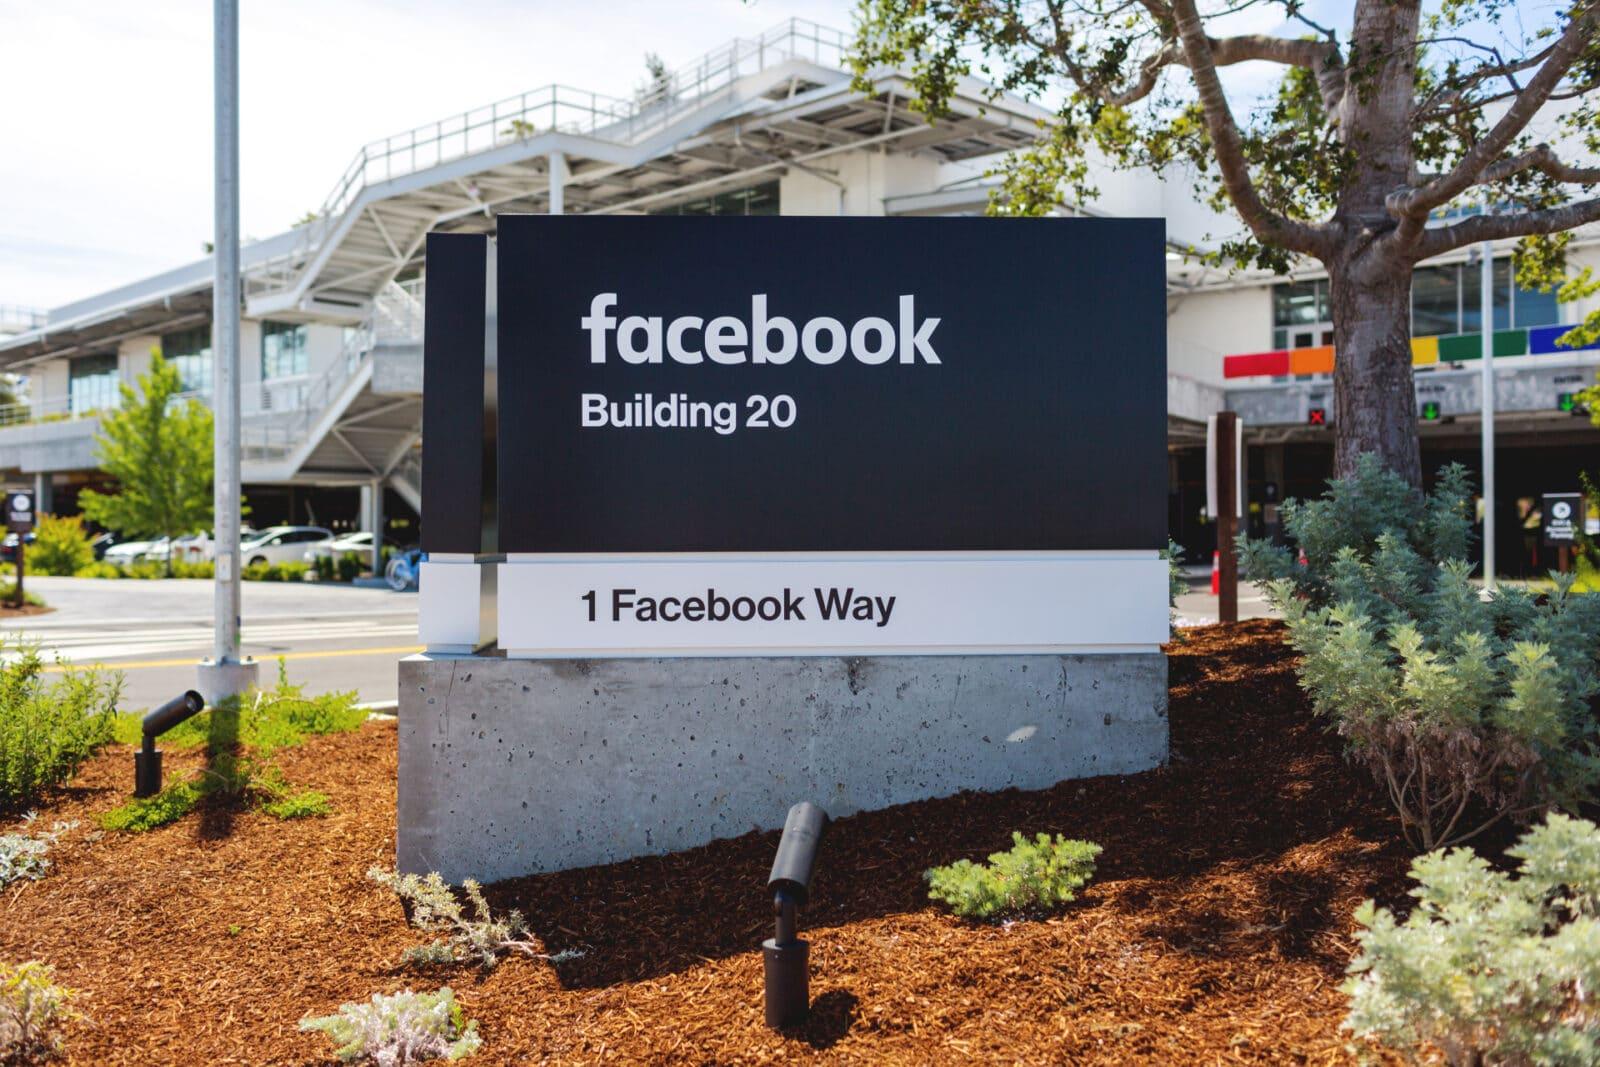 ผู้บริหารบอกเอง Facebook ไม่ได้จะมาช่วยชีวิตสื่อจากยุค Disruption